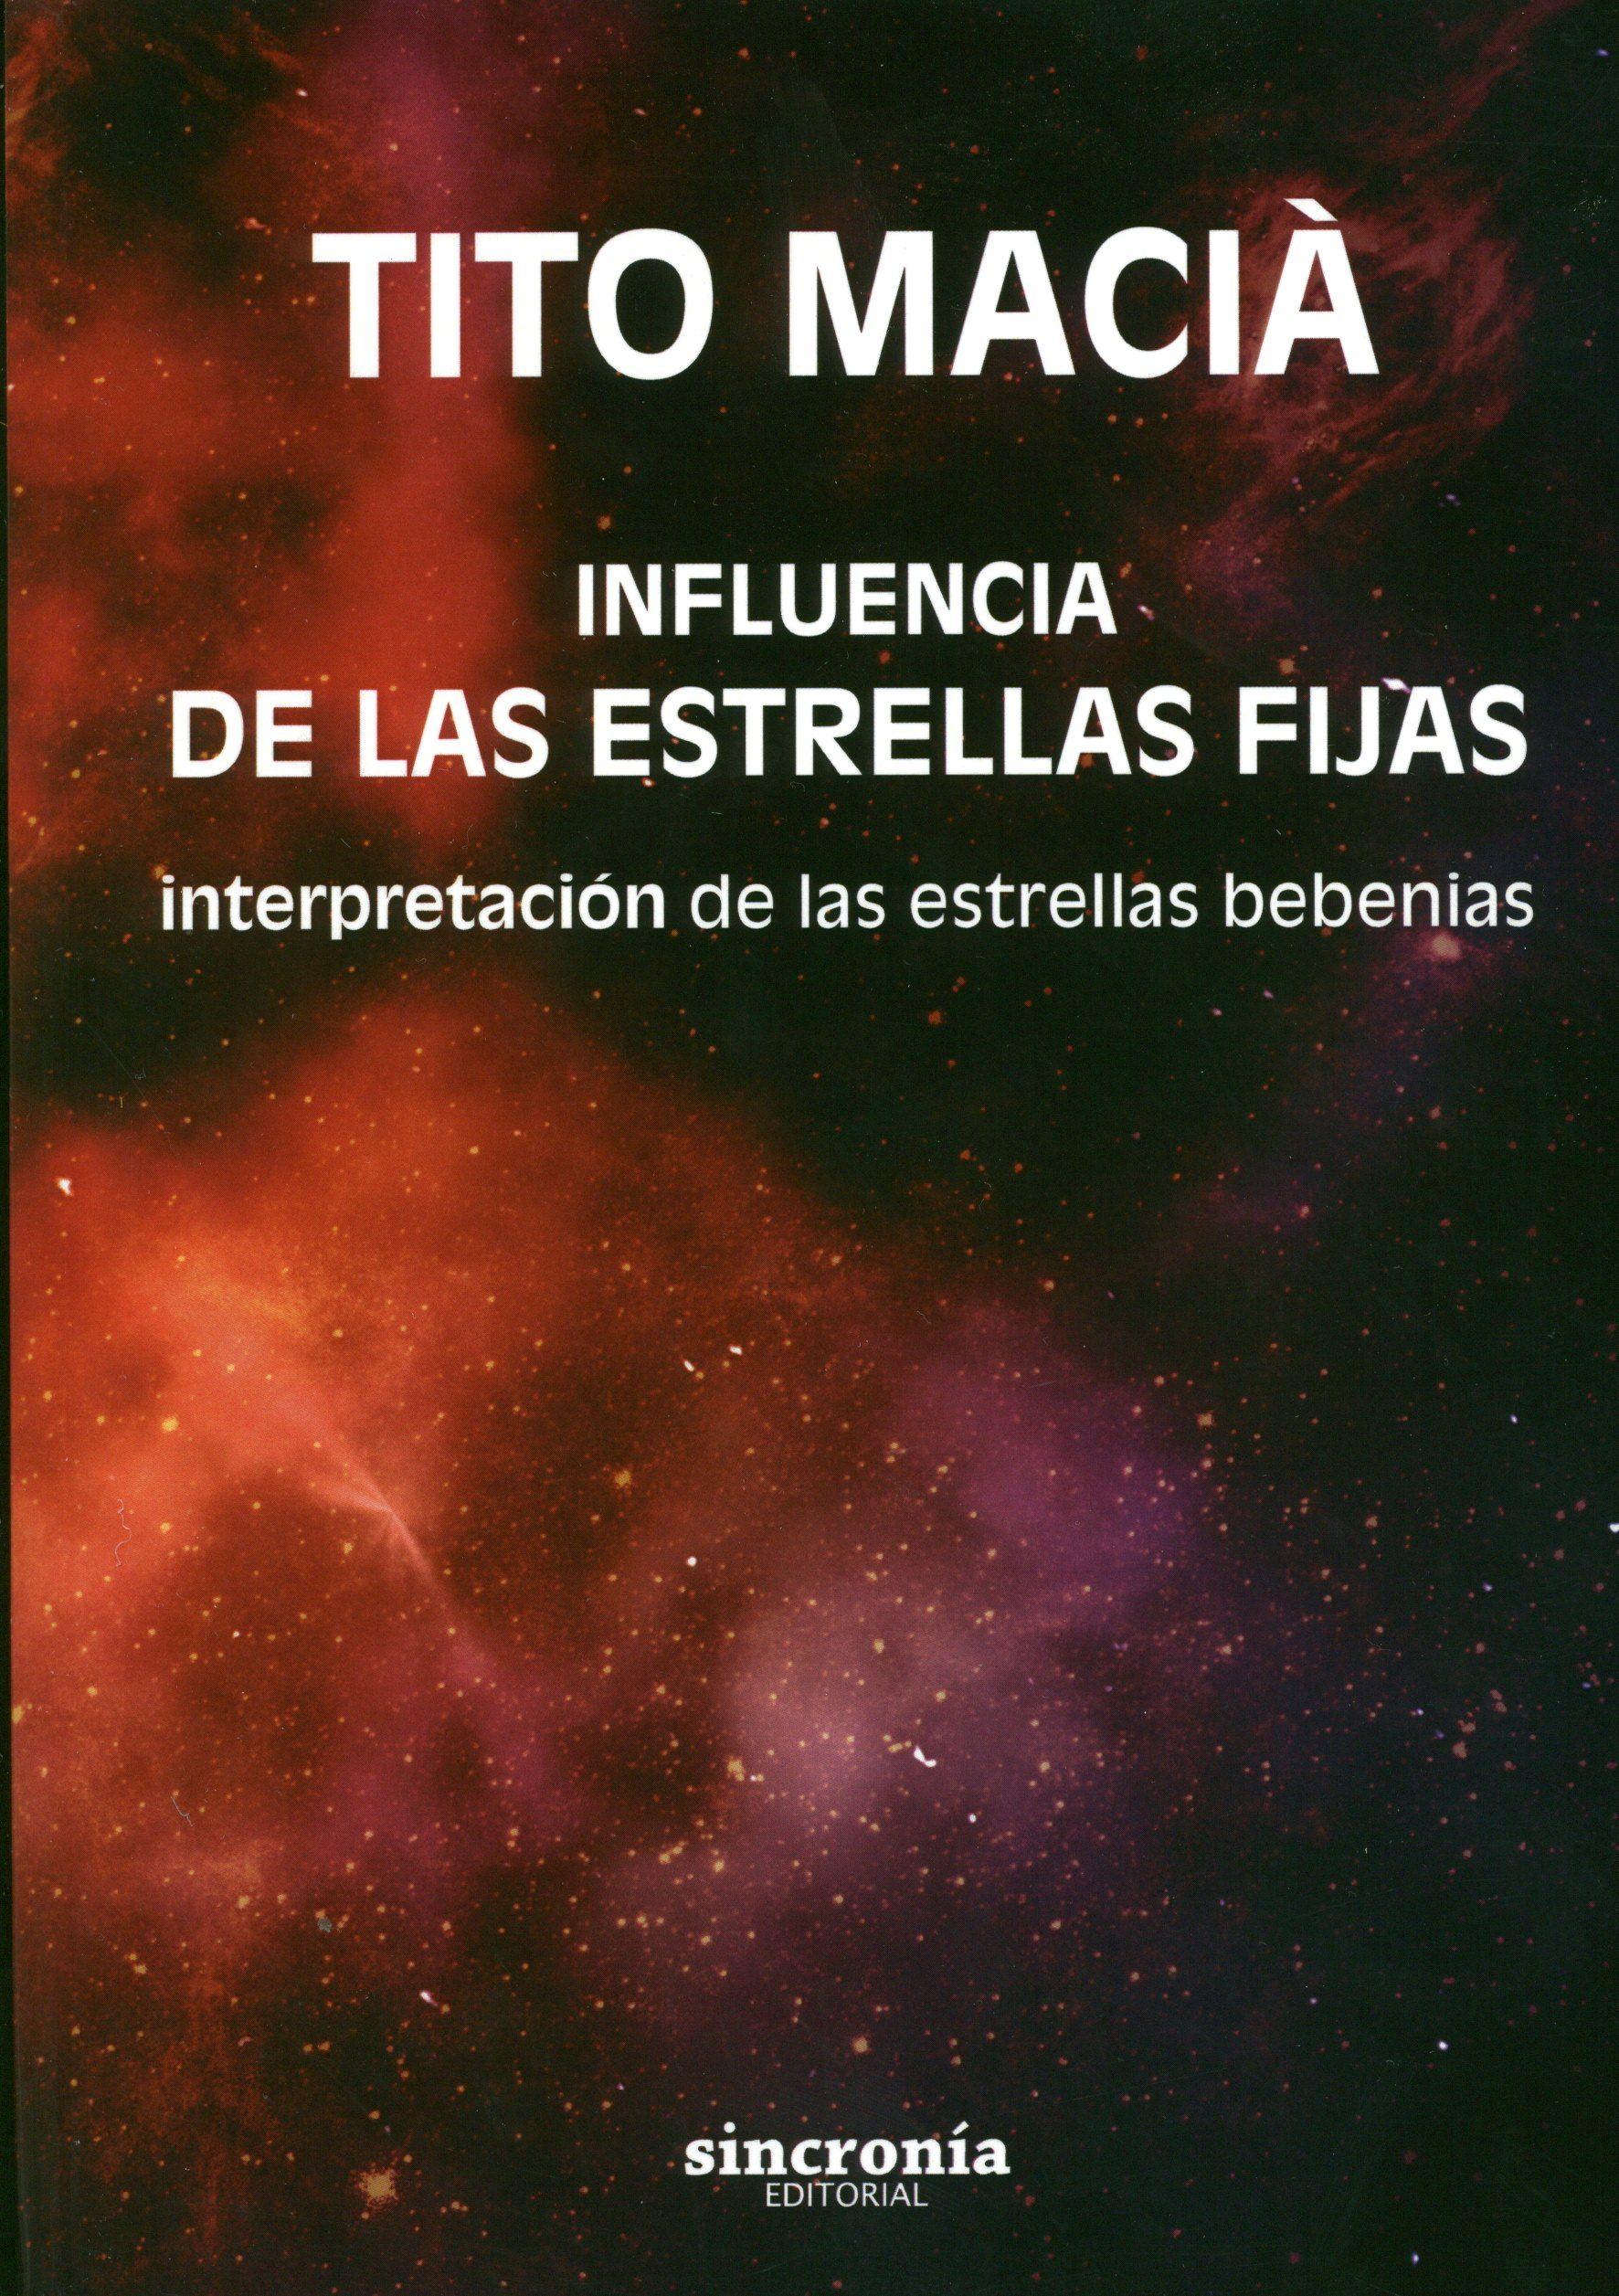 Influencia De Las Estrellas Fijas: Interpretacion De Las Estrellas Bebenias por Tito Macia